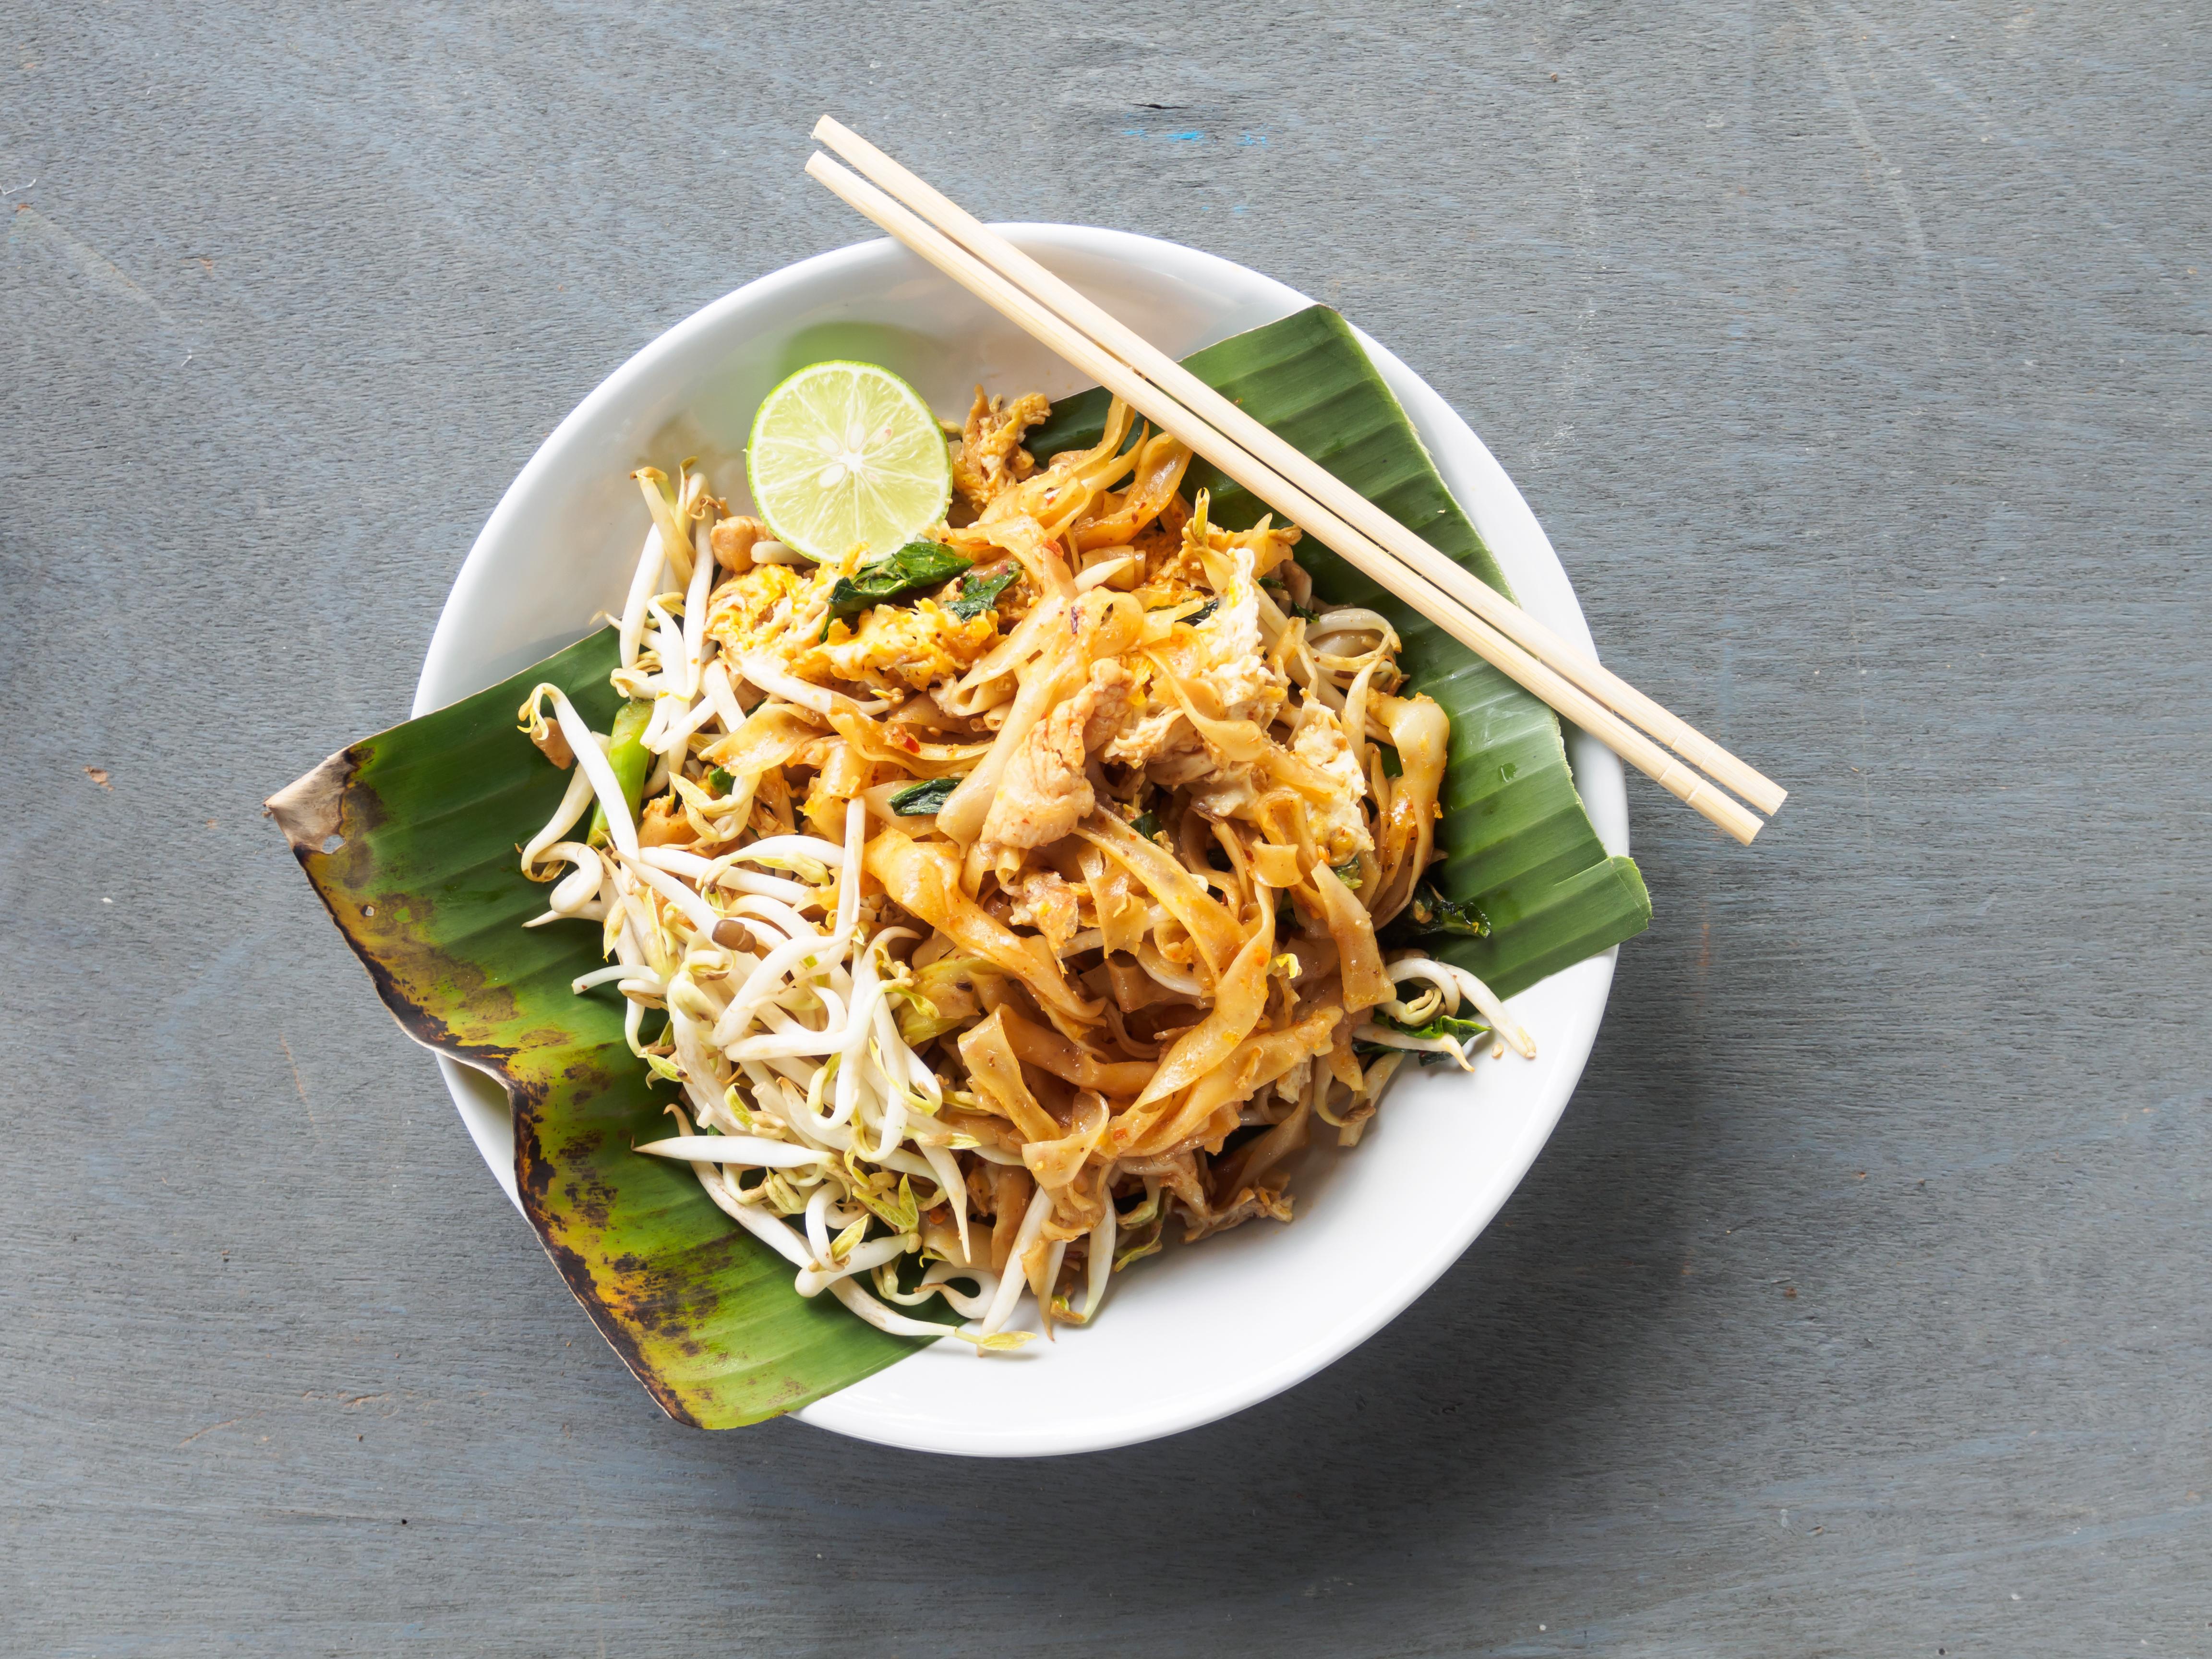 Тайська кухня: секрети і кращі рецепти далекого Таїланду